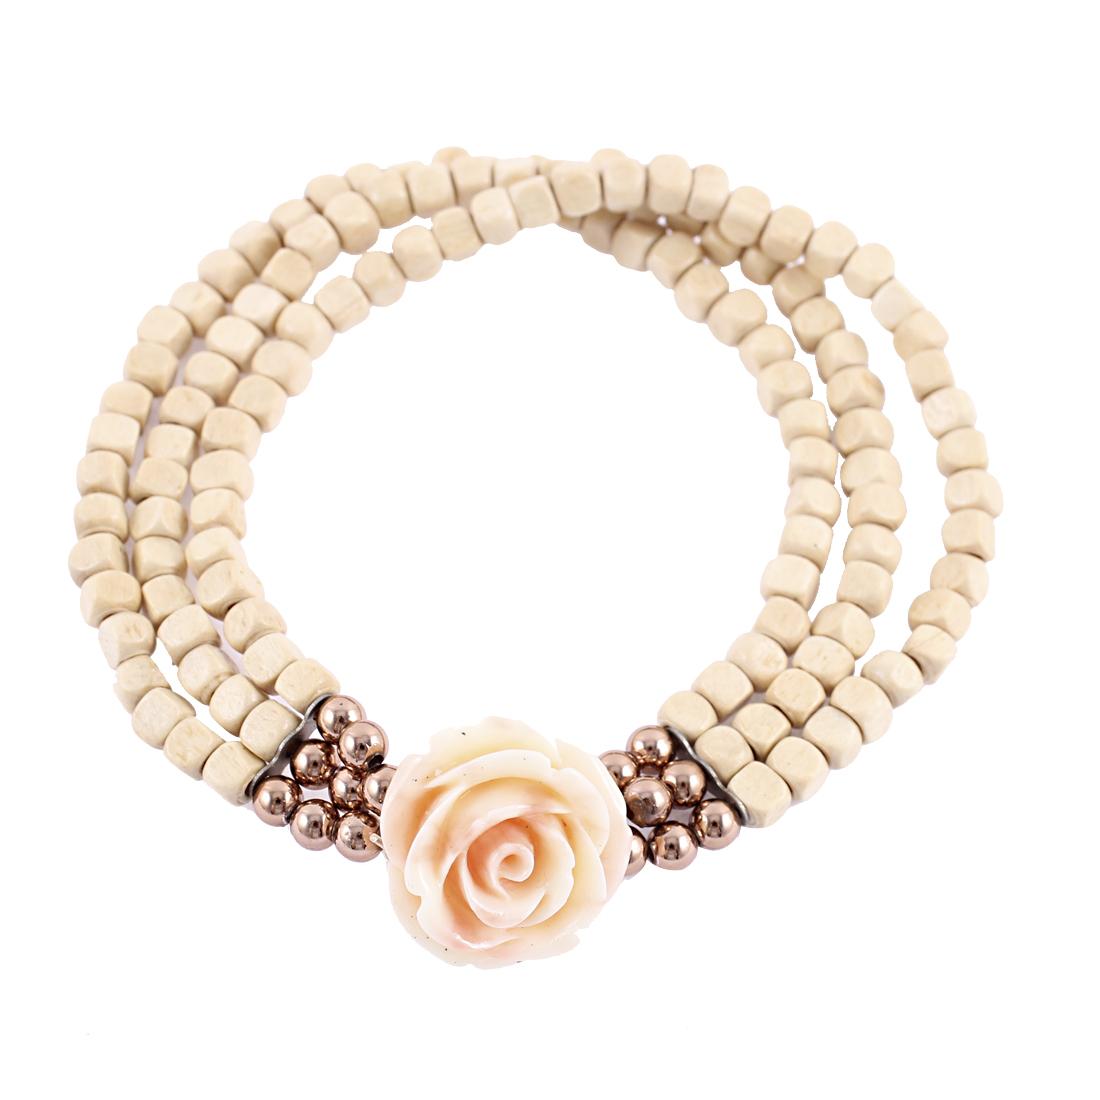 Wintersweet Pendant Beading 3 Layers Stretchy Bracelet Bangle White